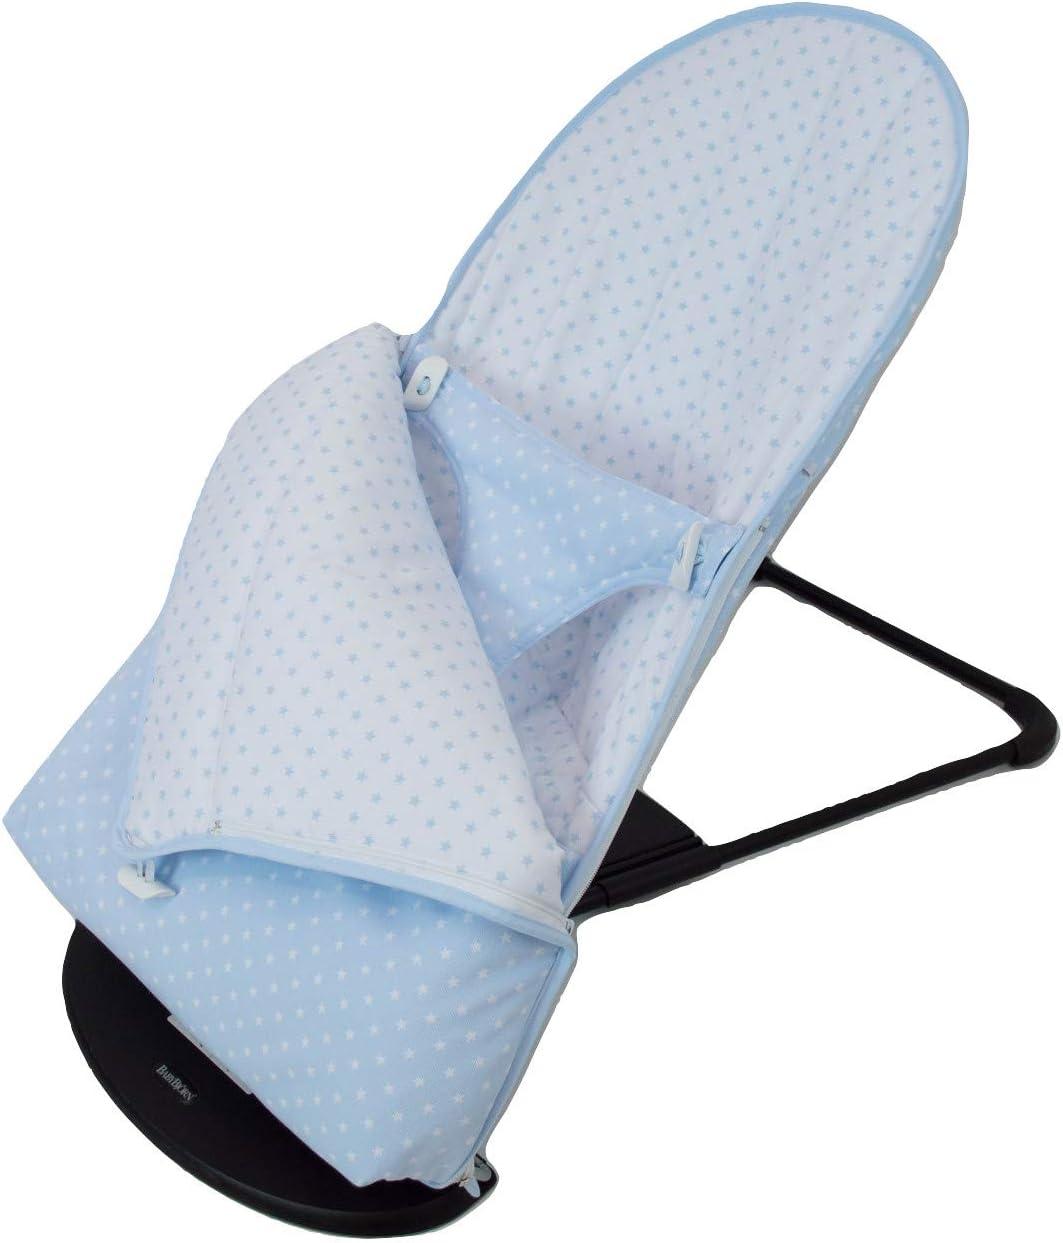 Plusieurs mod/èlles et coulelurs disponibles. Arrows Sac convertible en housse ou housse avec couvercle pour transat BabyBj/örn Balance et Balance Soft